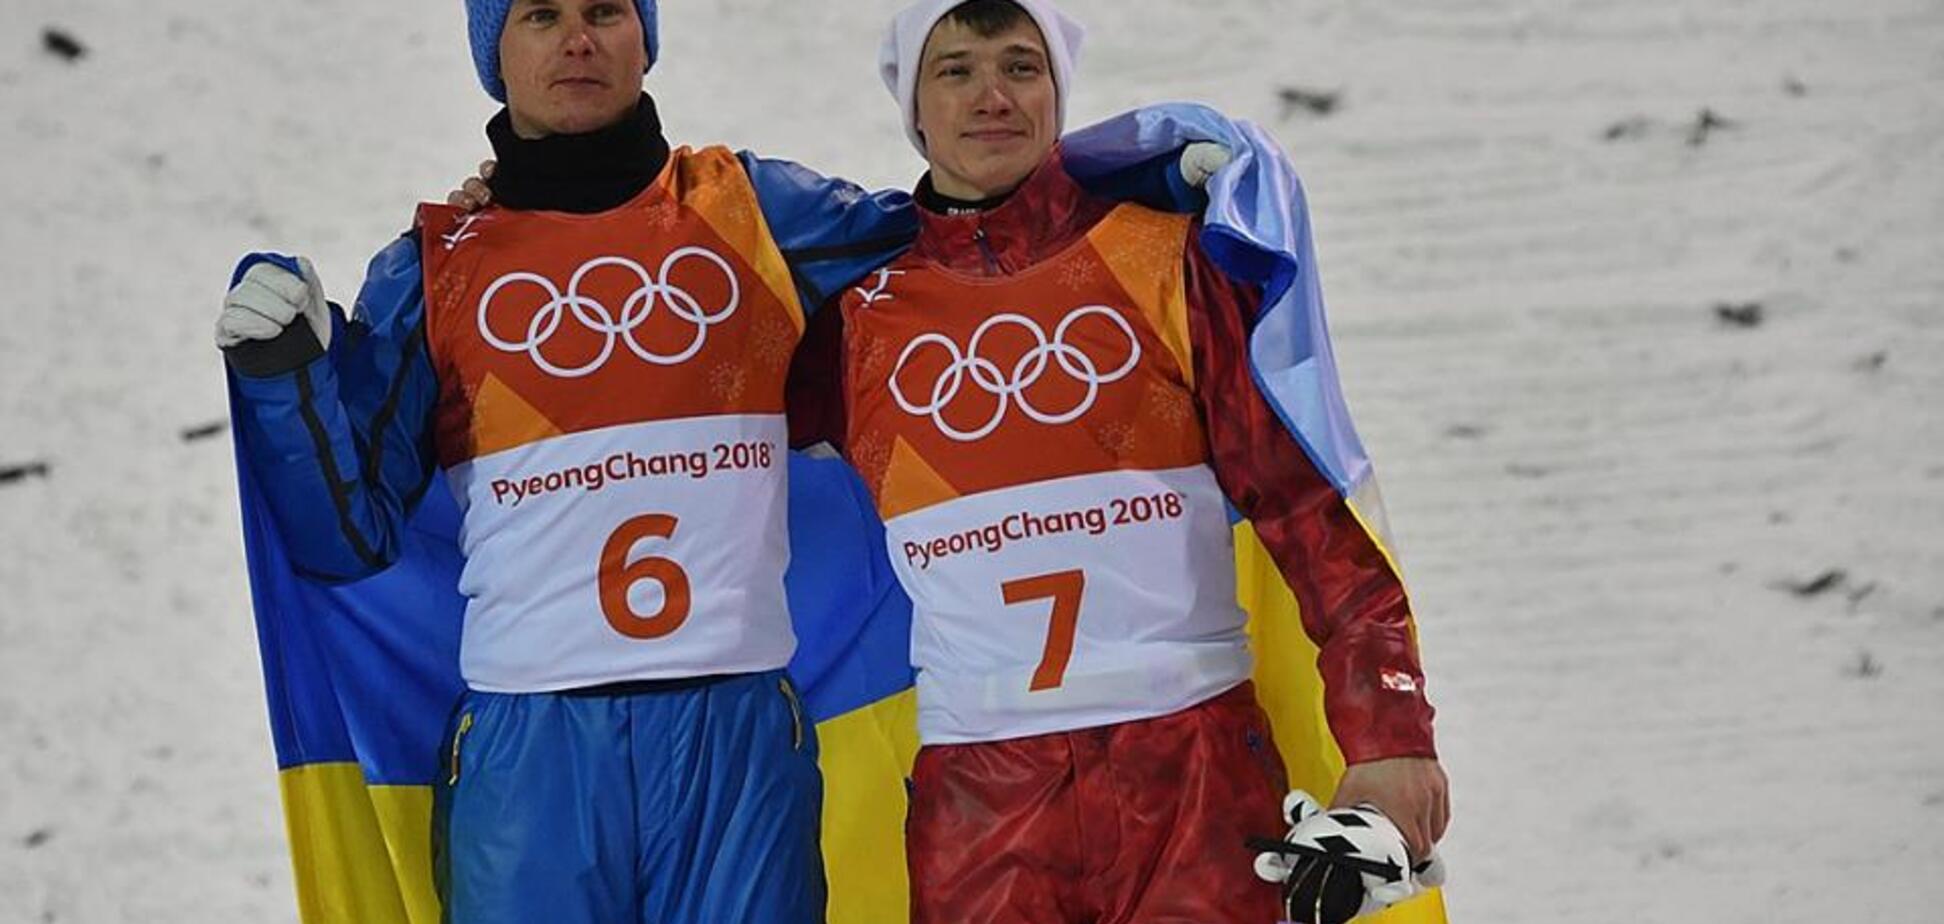 Красноречивый жест украинского олимпийского чемпиона